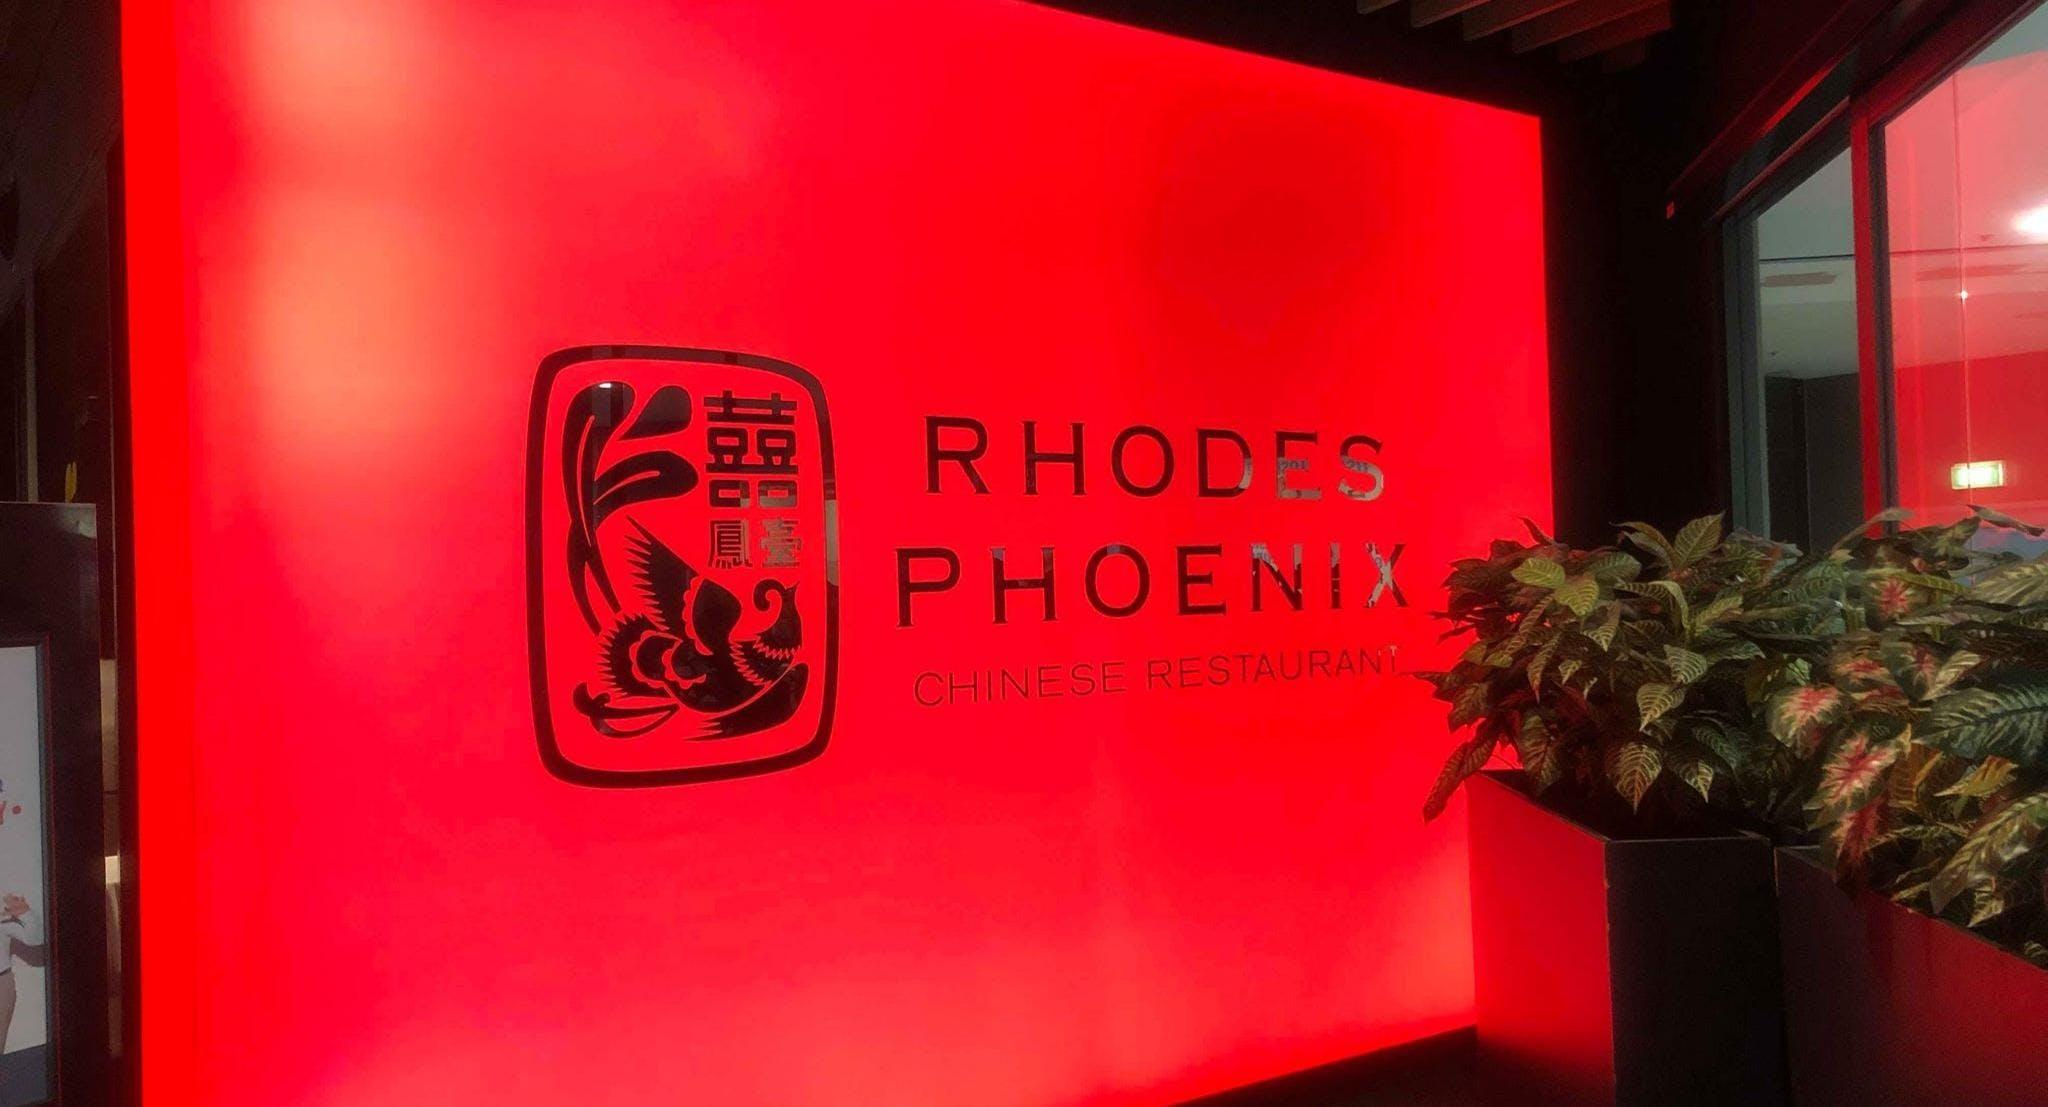 Rhodes Phoenix